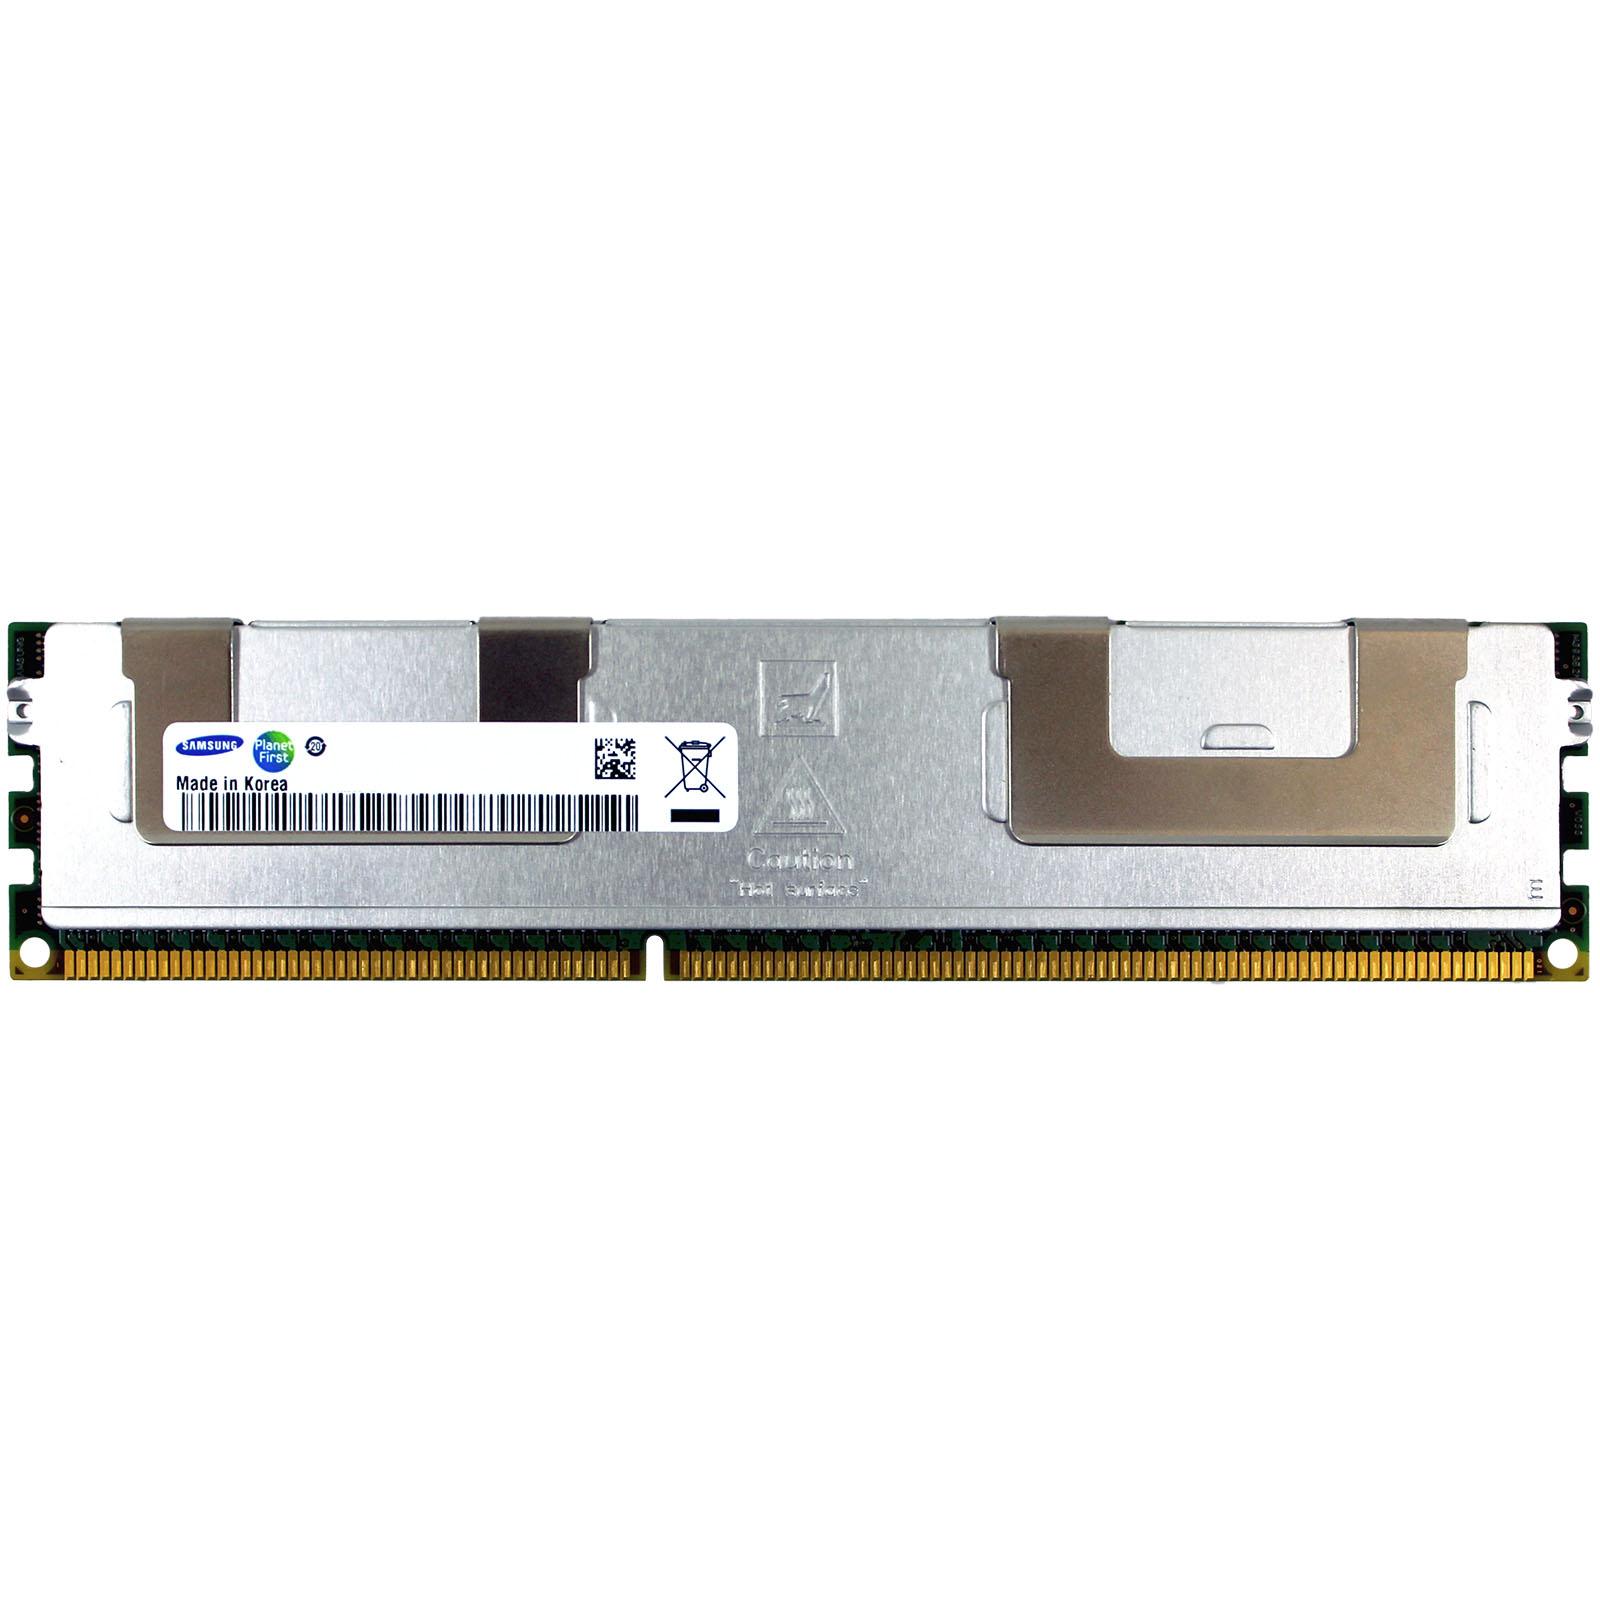 32GB Module DDR3 1600MHz Samsung M386B4G70DM0-YK0 12800 Load Reduced Memory RAM